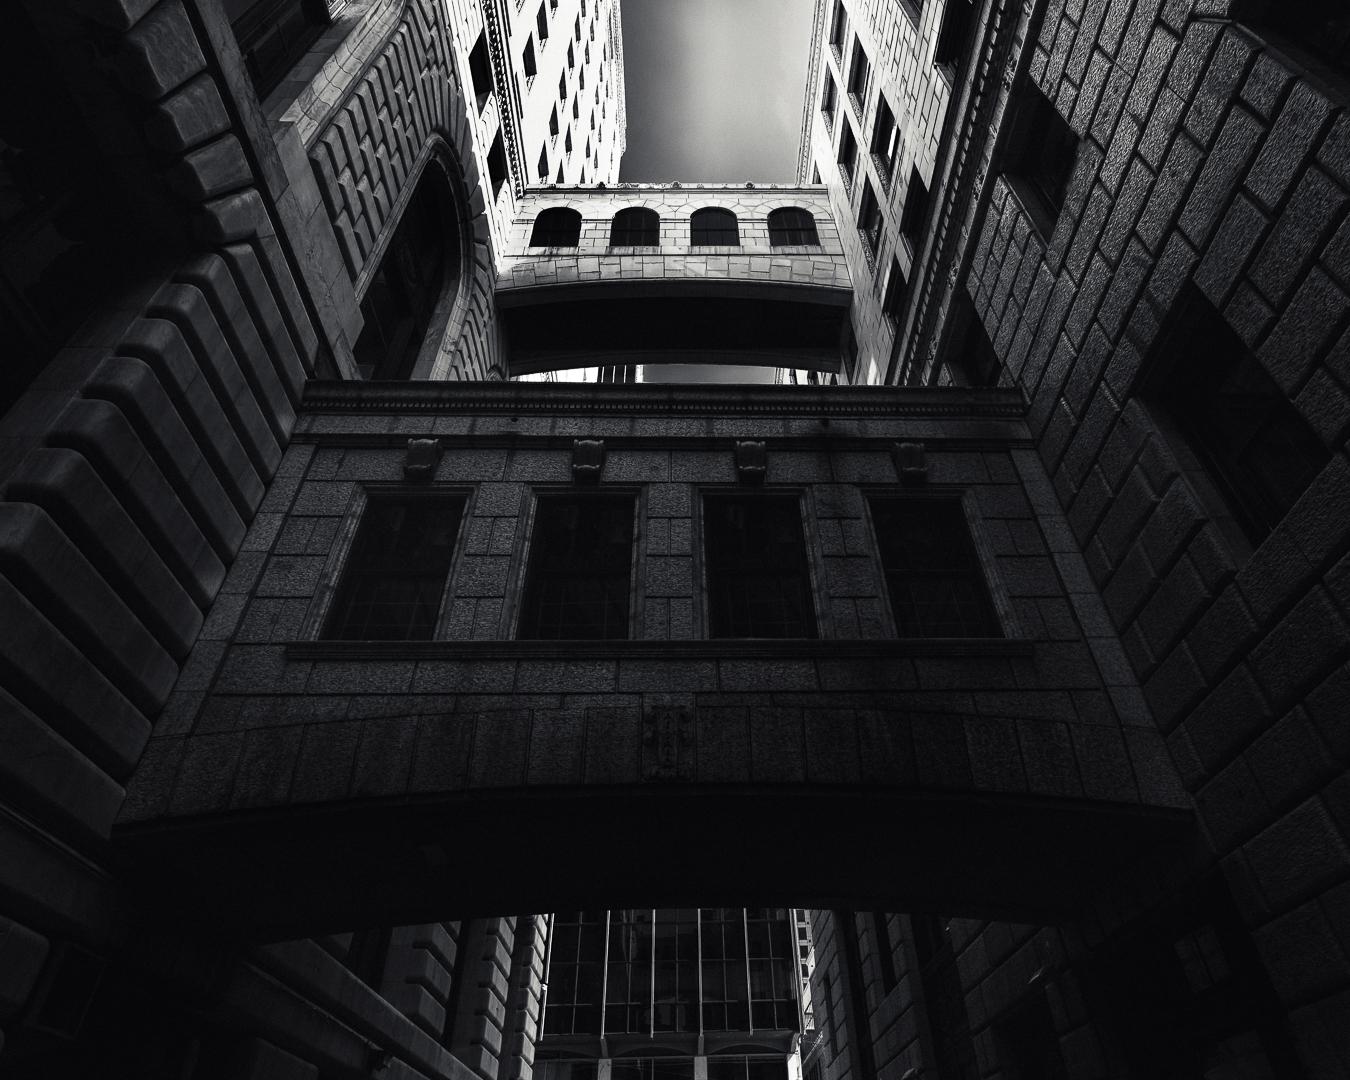 4th _ Vine-0001-Brian Suman Photography.jpg